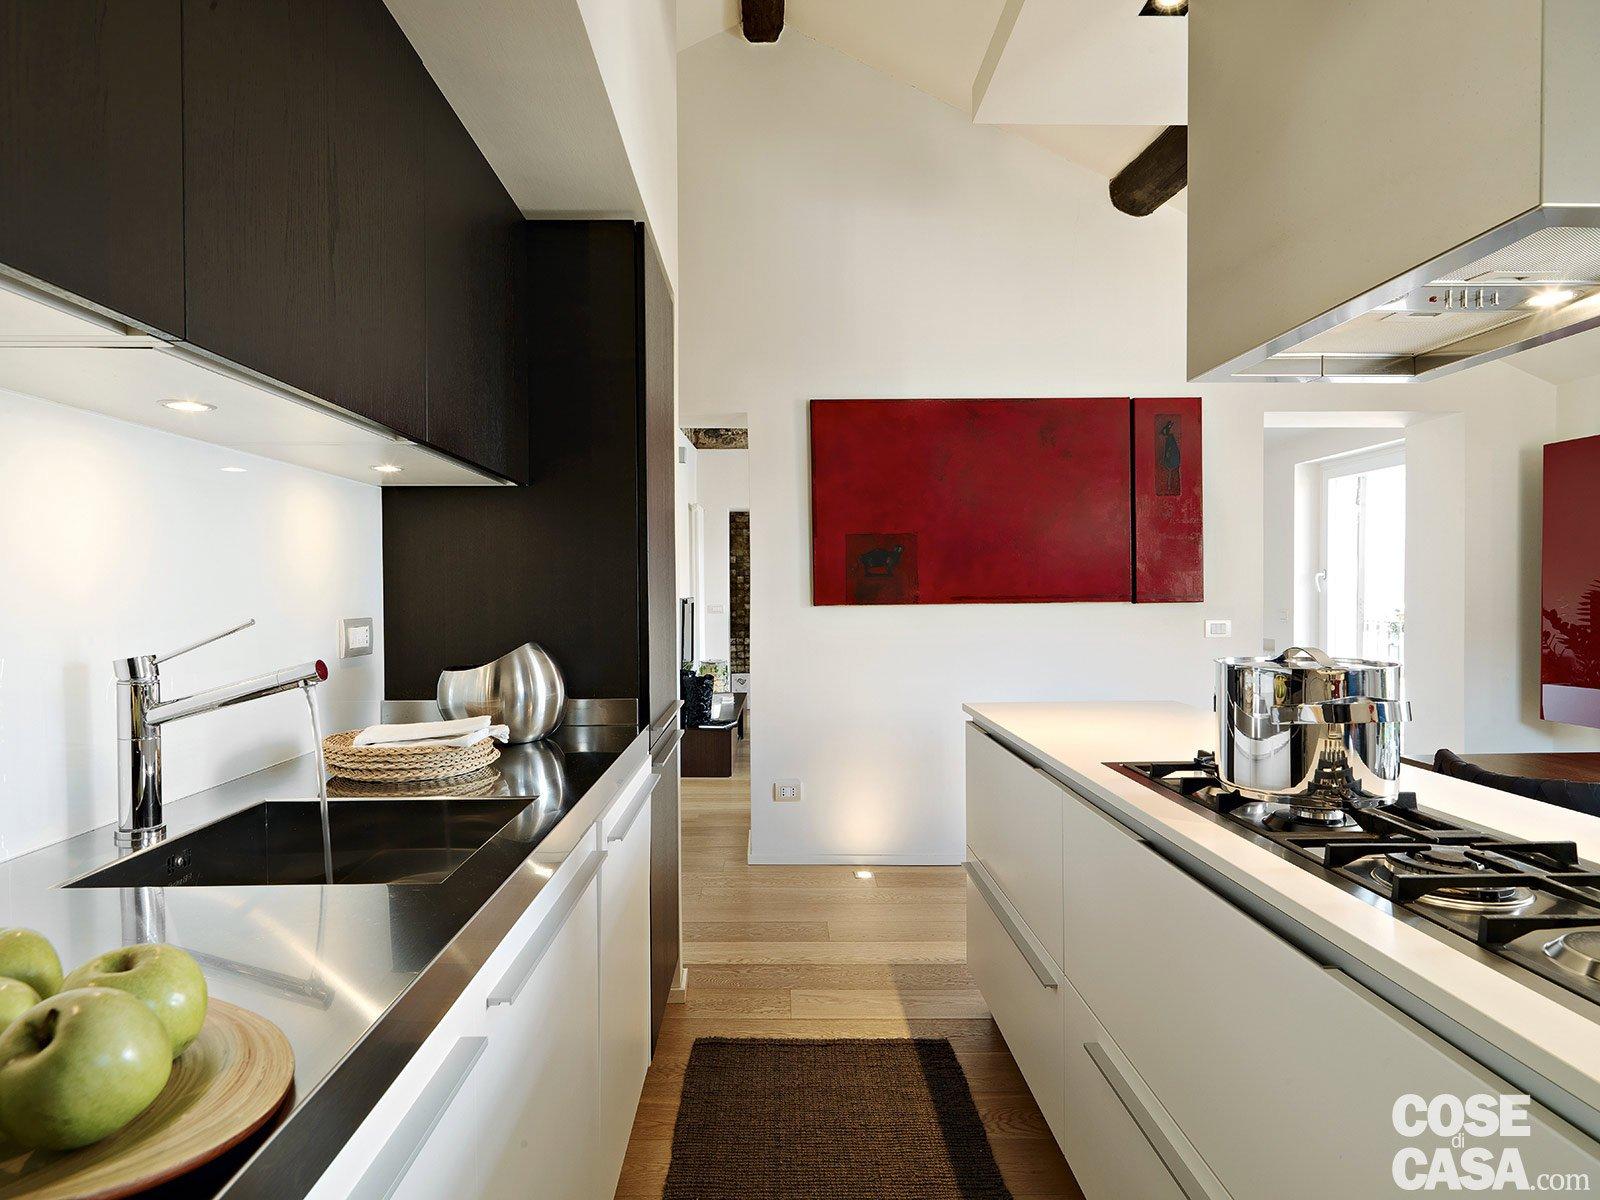 Faretti Cucina Binario Ristrutturazione Barchessa Siamo Alla Scelta  #6F241E 1600 1200 Binario Per Pensili Cucina Ikea